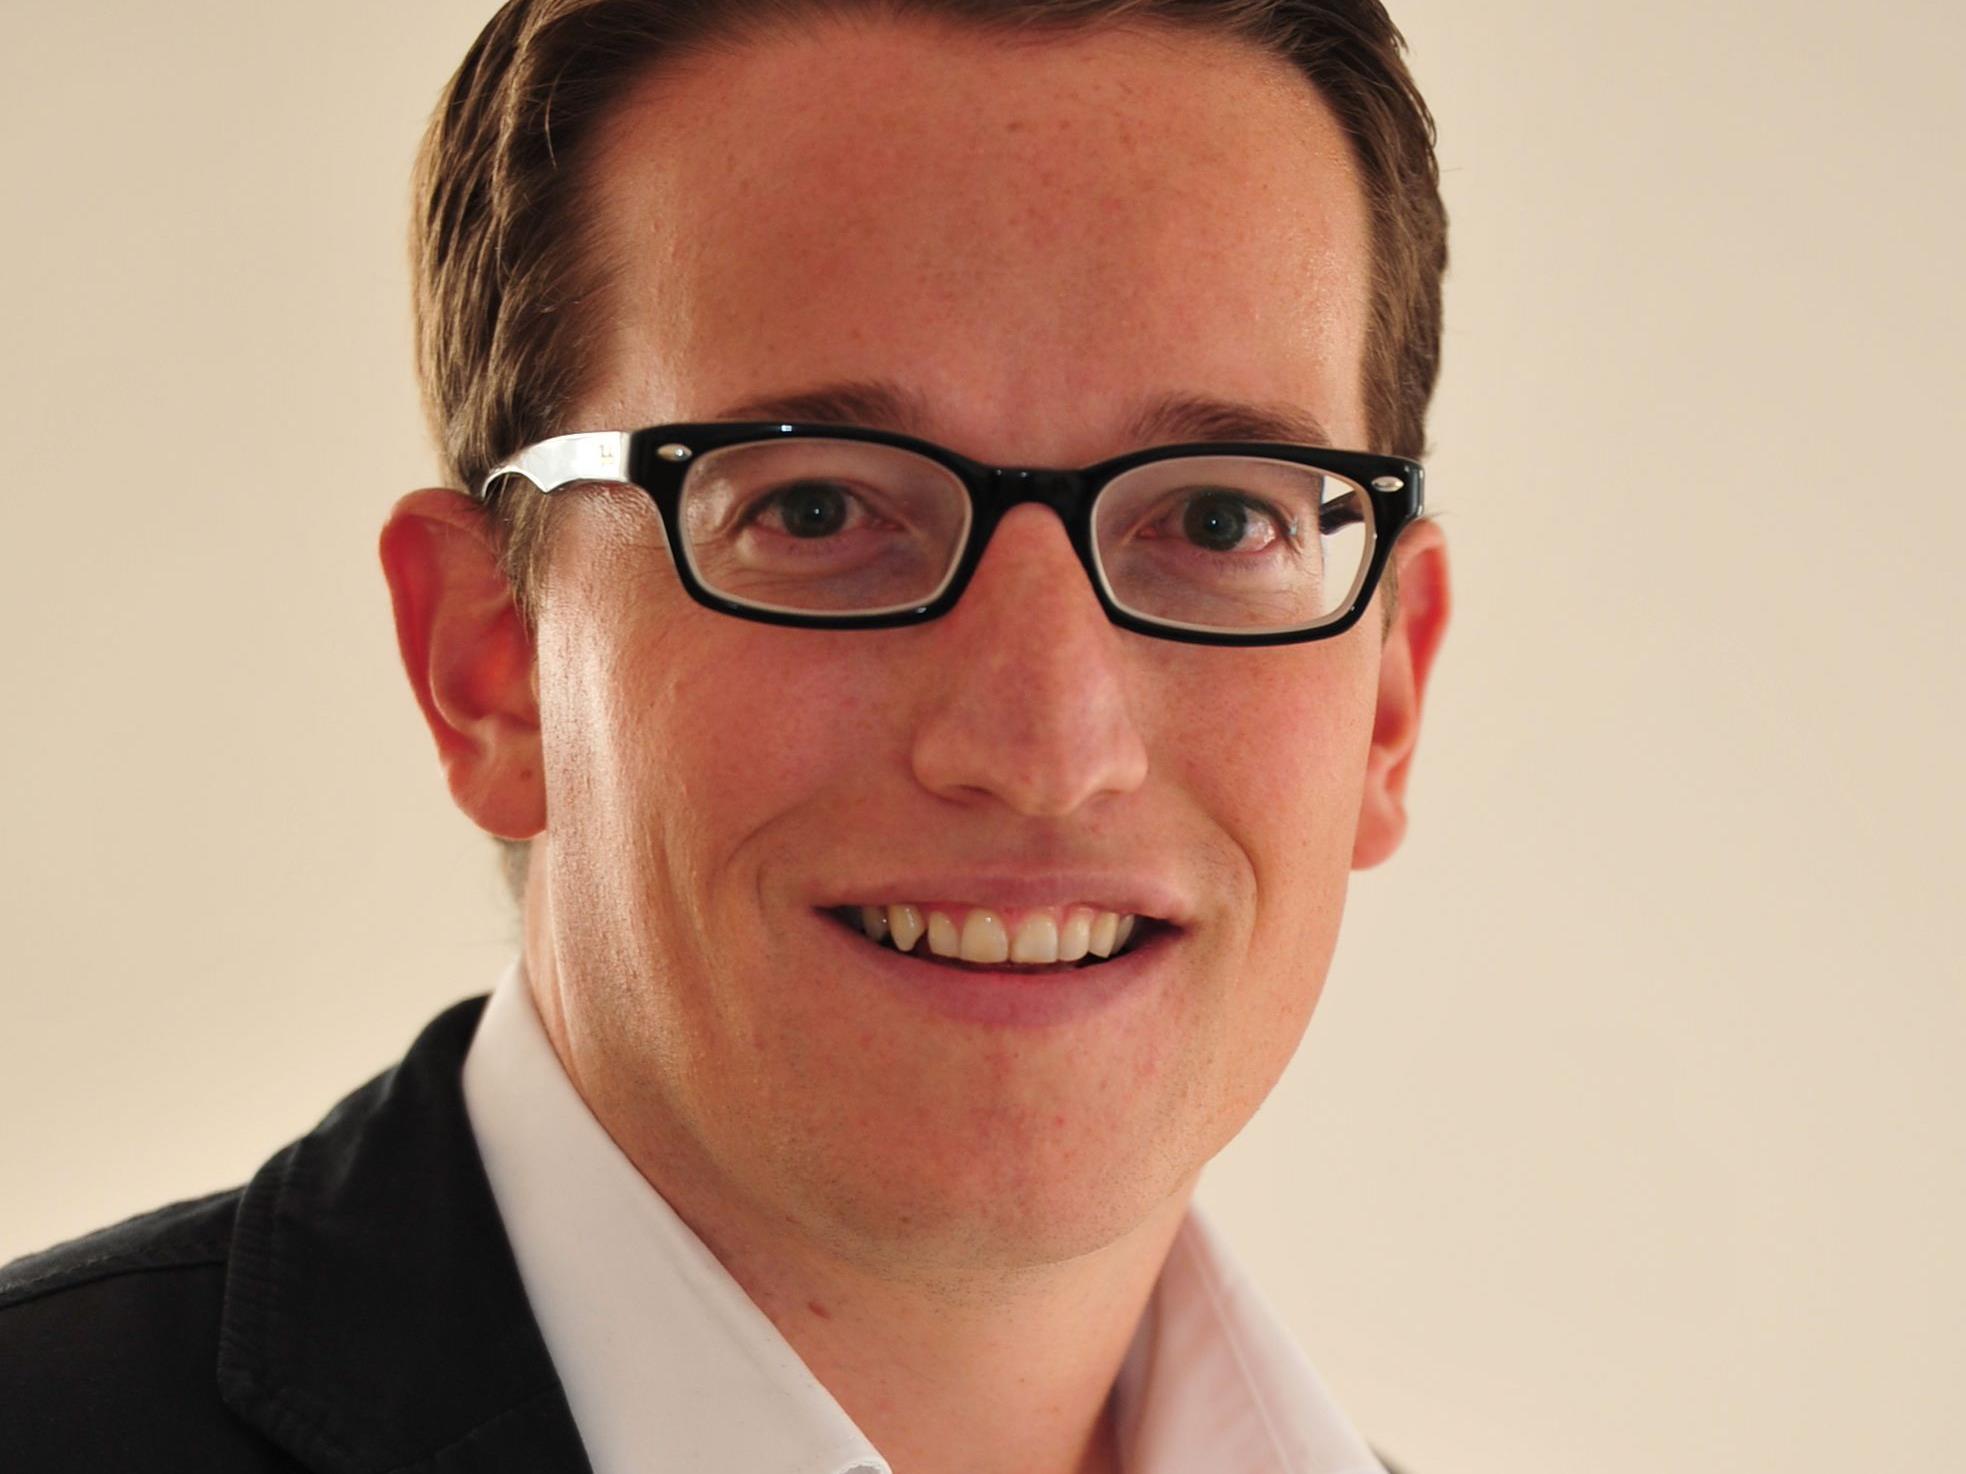 Der 30-jährige Urs Treuthardt übernimmt ab 1. Jänner 2015 die Geschäftsführung der Bodensee-Vorarlberg Tourismus GmbH.